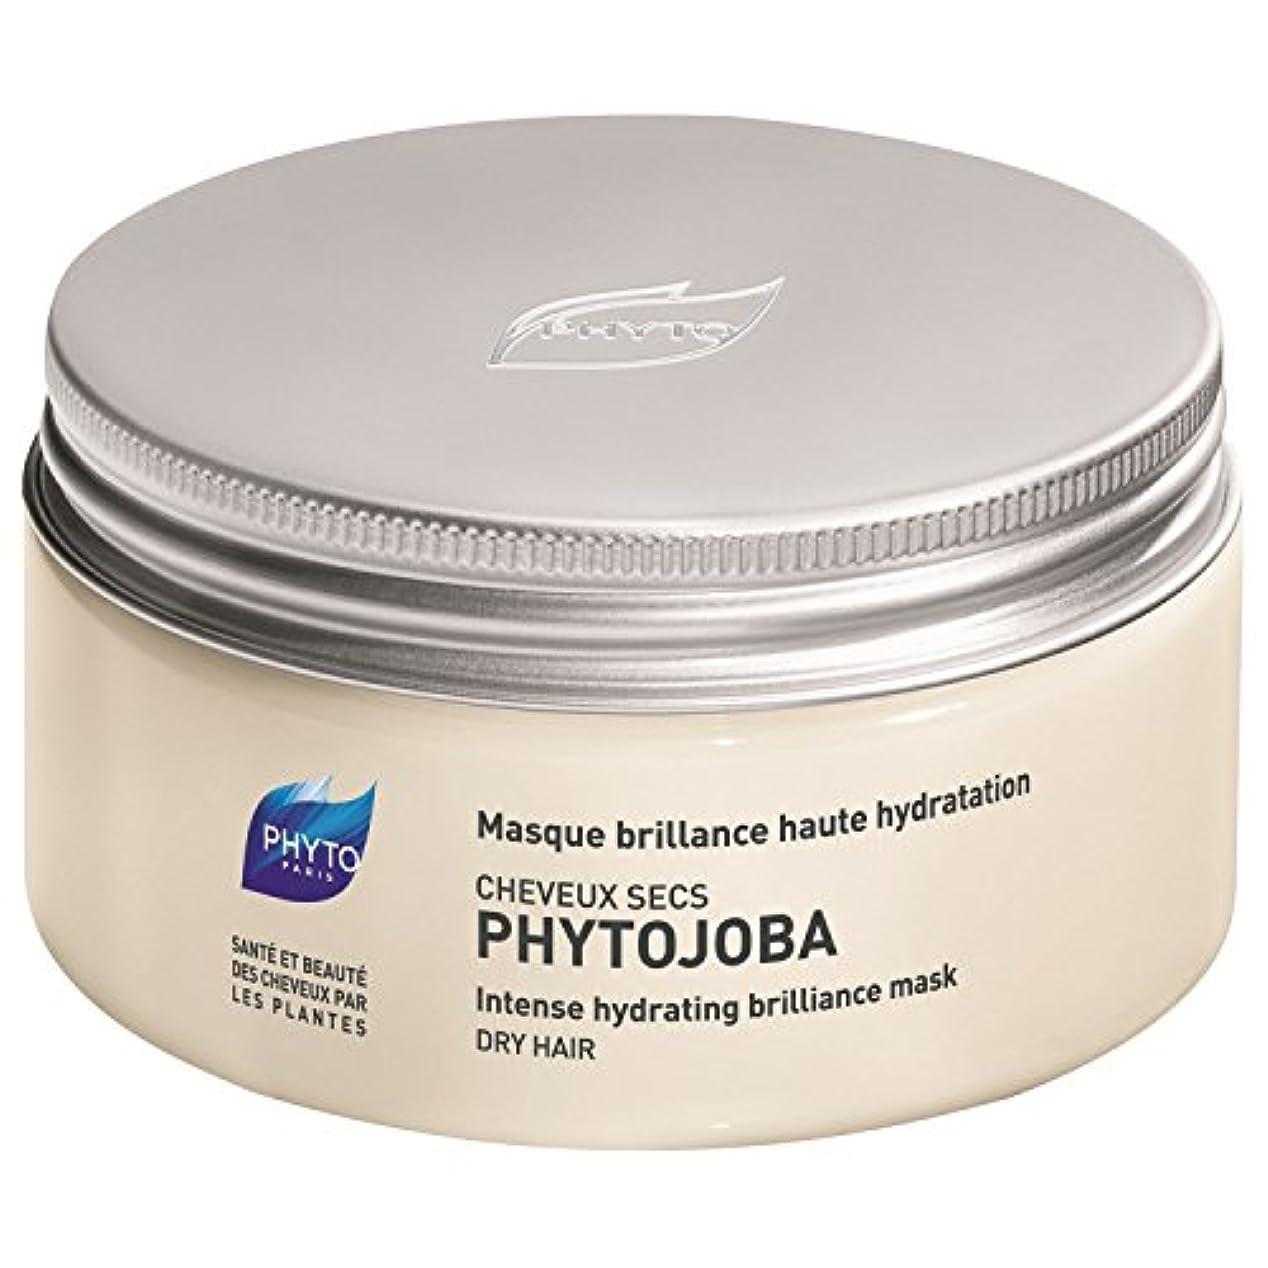 長くする各王族フィトPhytojoba強烈な水分補給マスク200ミリリットル (Phyto) - Phyto Phytojoba Intense Hydrating Mask 200ml [並行輸入品]